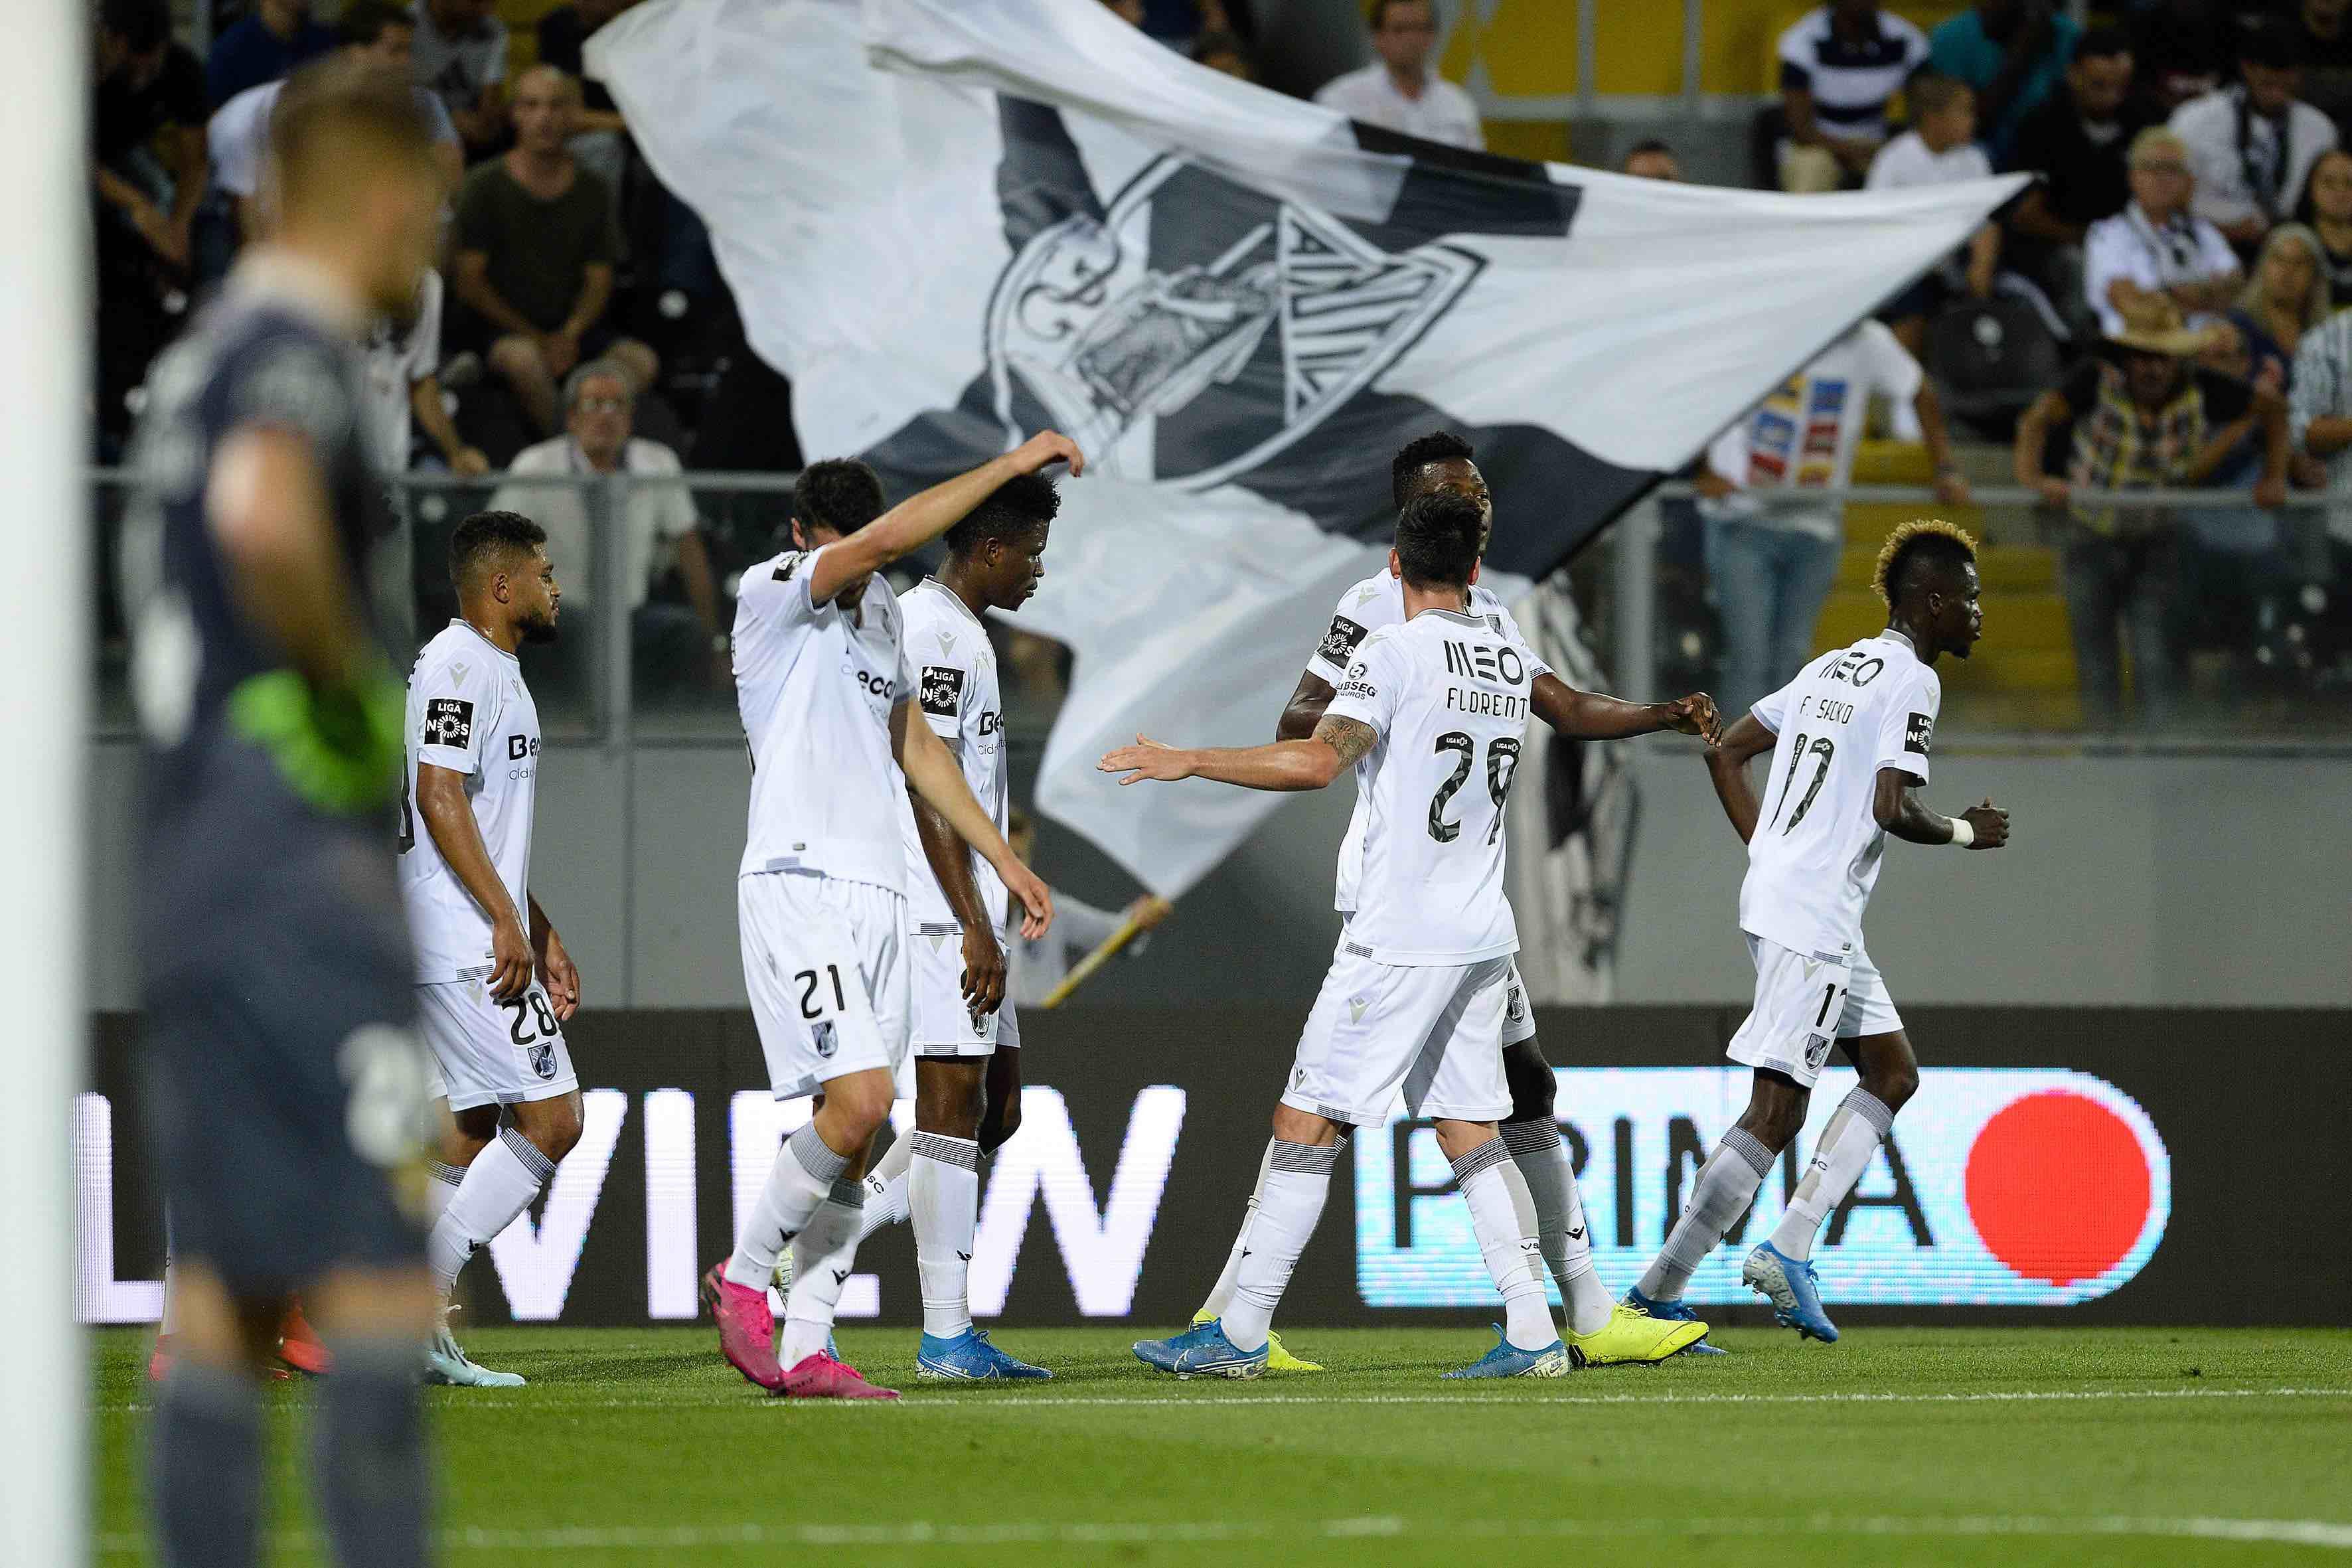 Florent Hanin - Liga Europa - UEFA - Vitória de Guimarães - Vitória SC - Futebol - Desporto